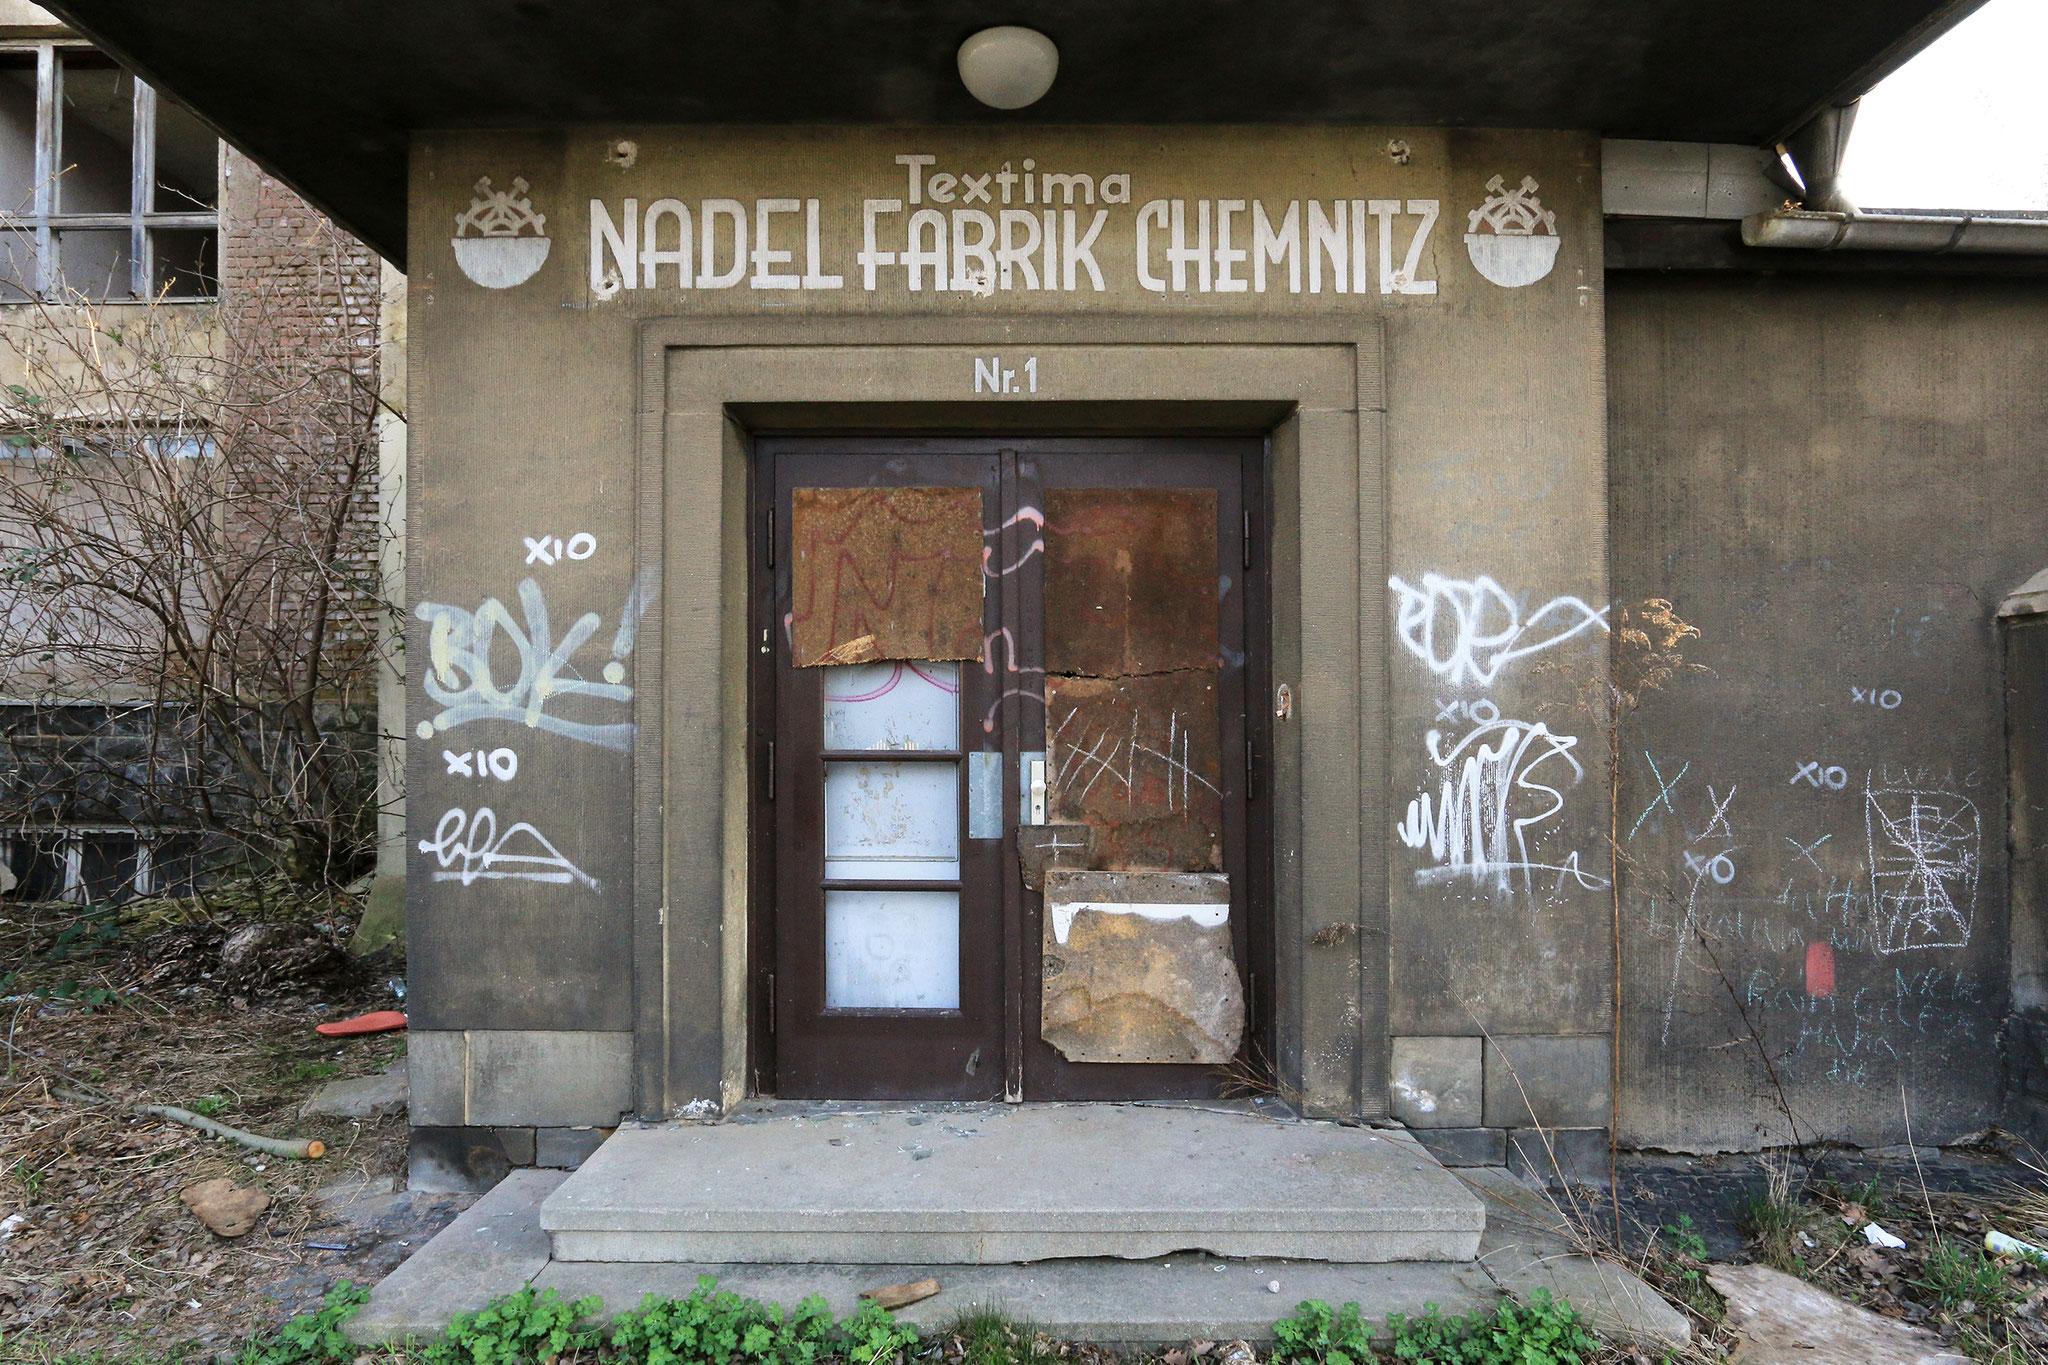 VEB Textima Nadelfabrik Chemnitz